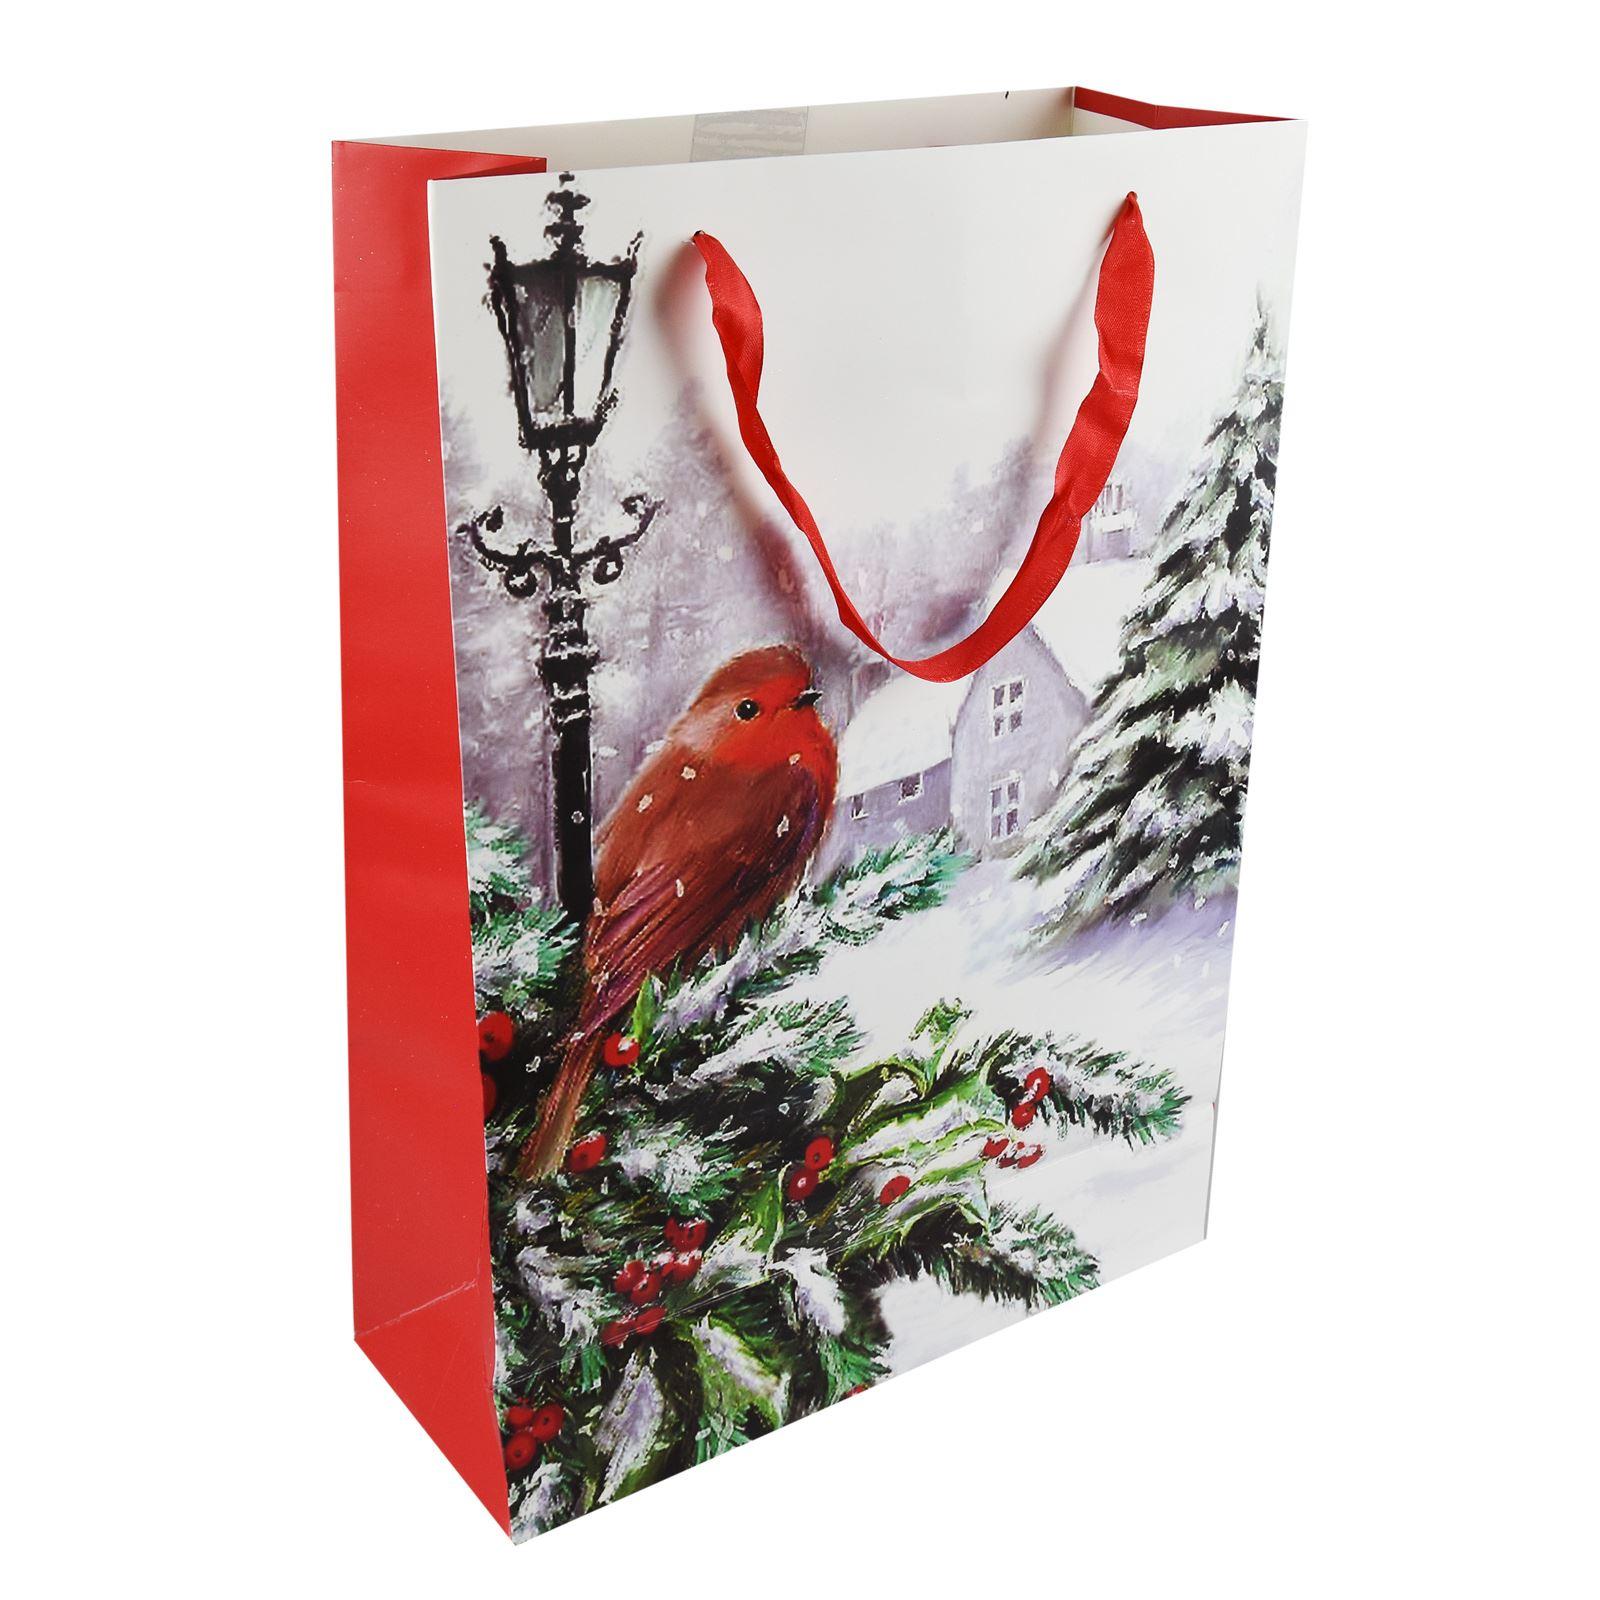 Tradizionale-Regalo-di-Natale-Borse-Regalo-Natale-Inverno-Glitter-Design-Paper-Carrier miniatura 20